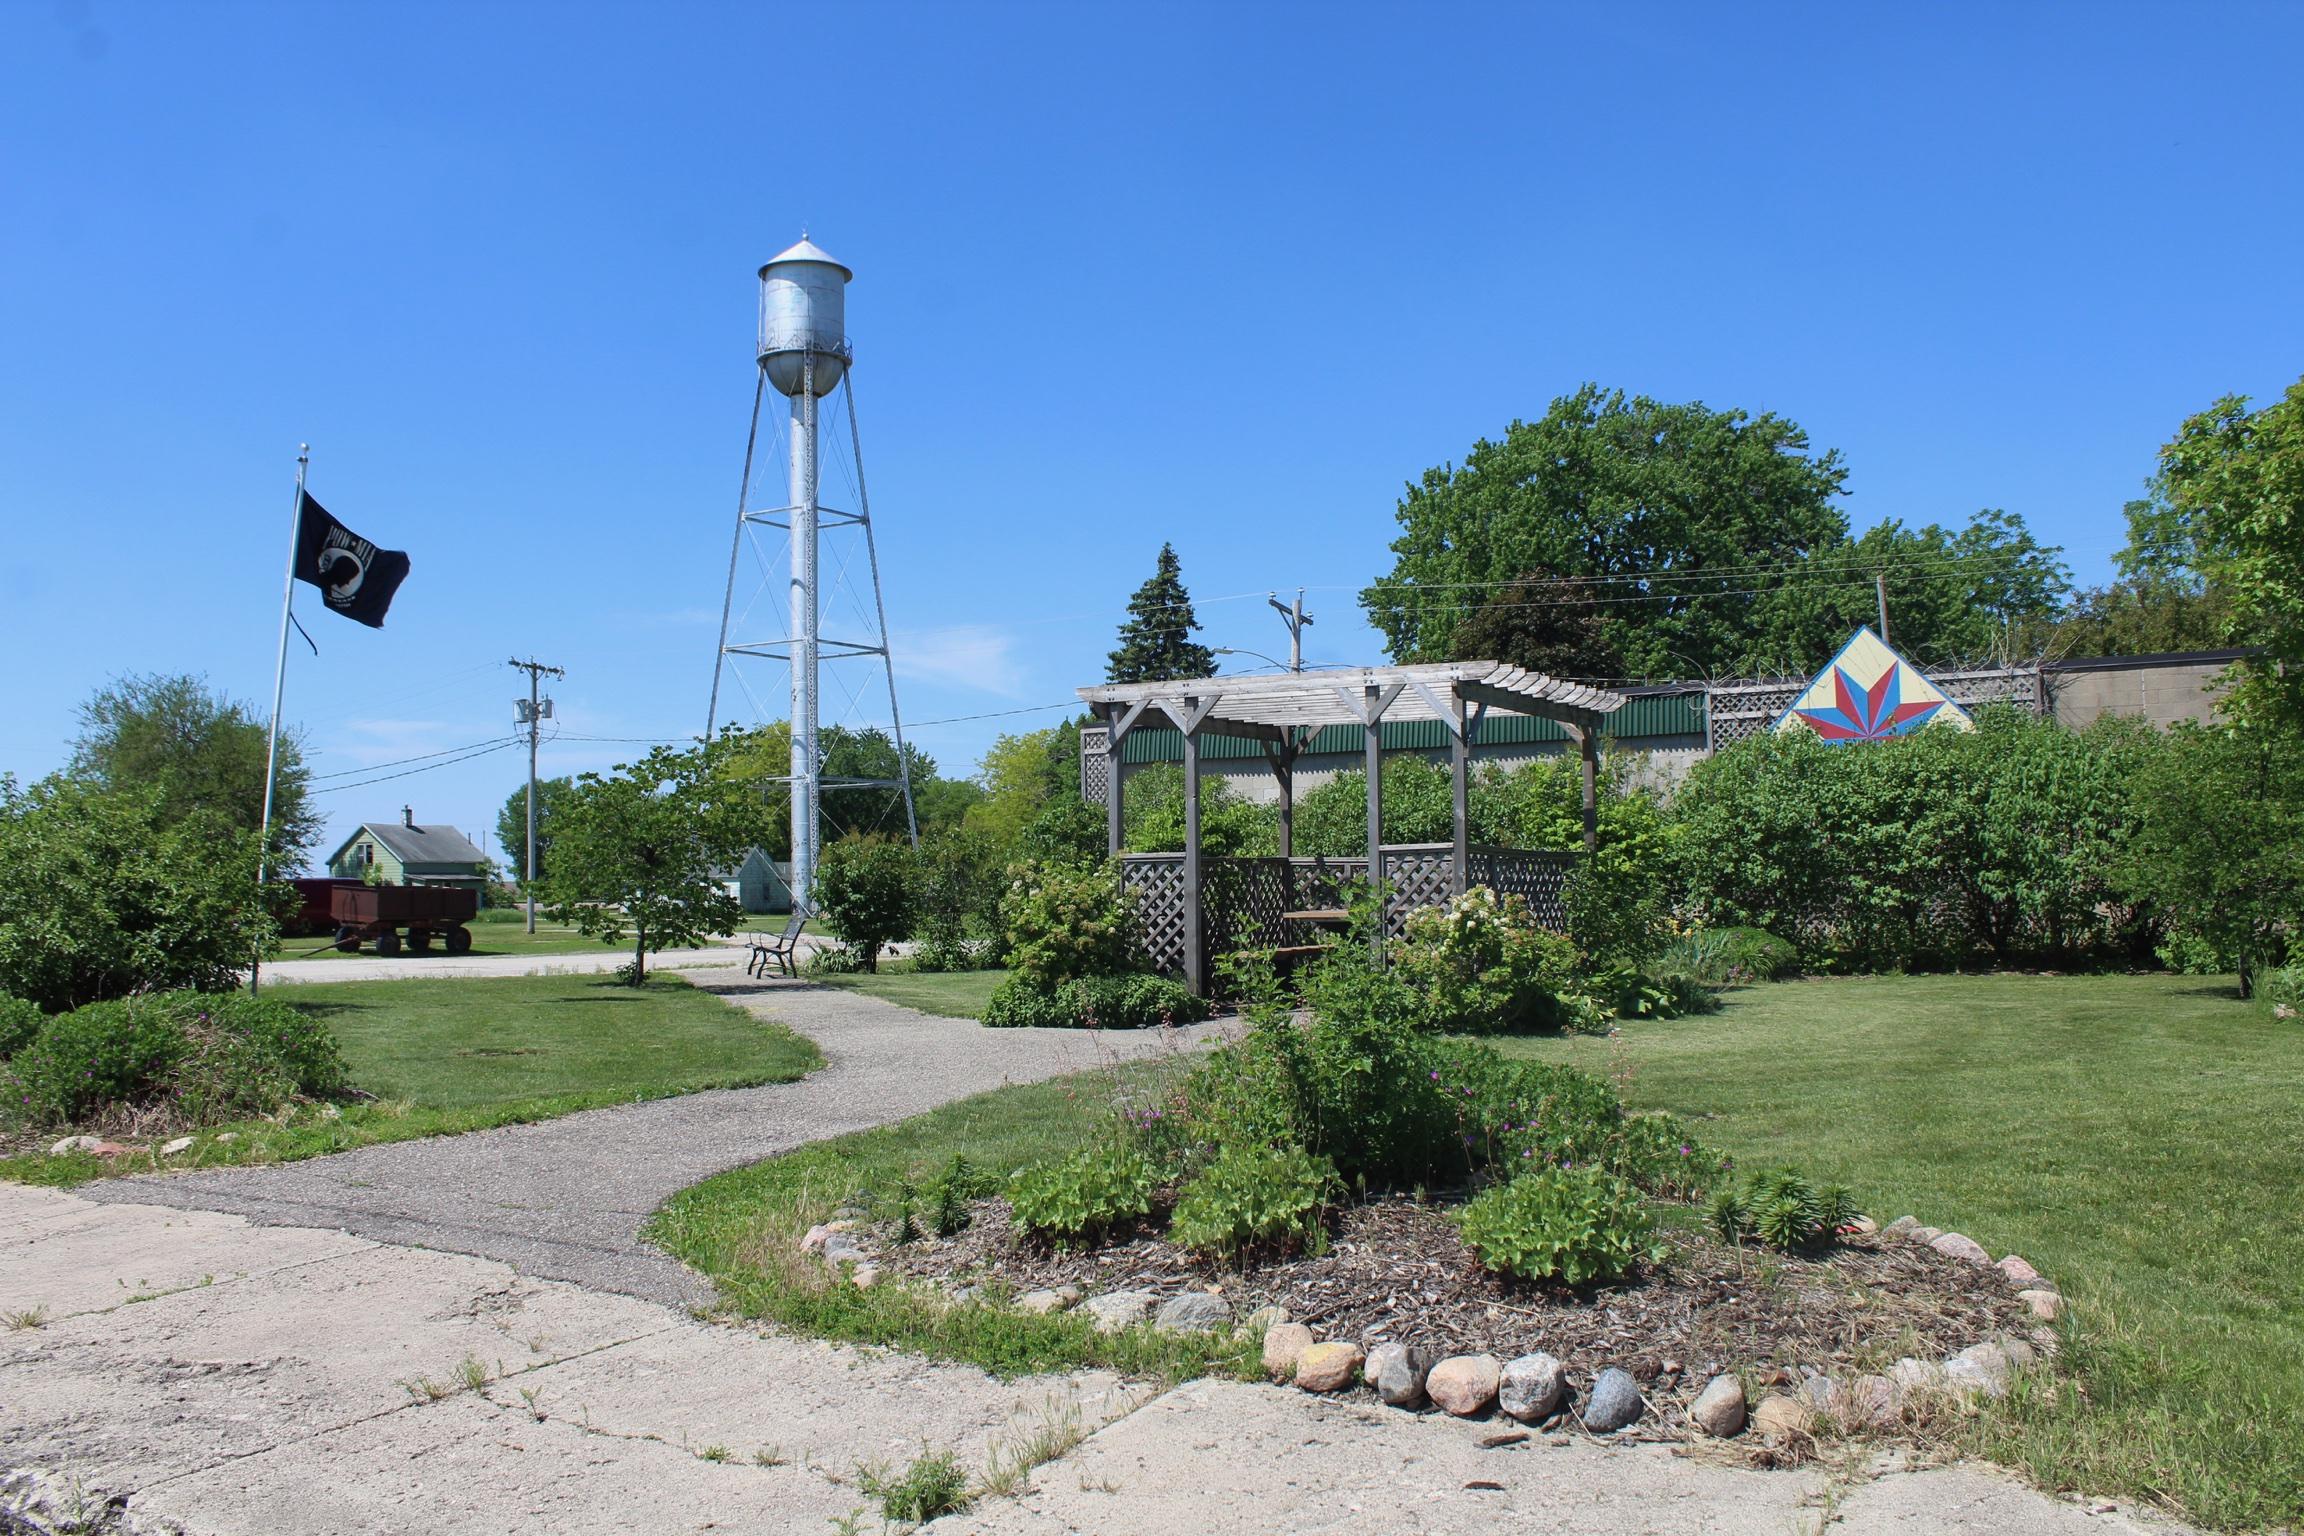 Veterans park in Havelock